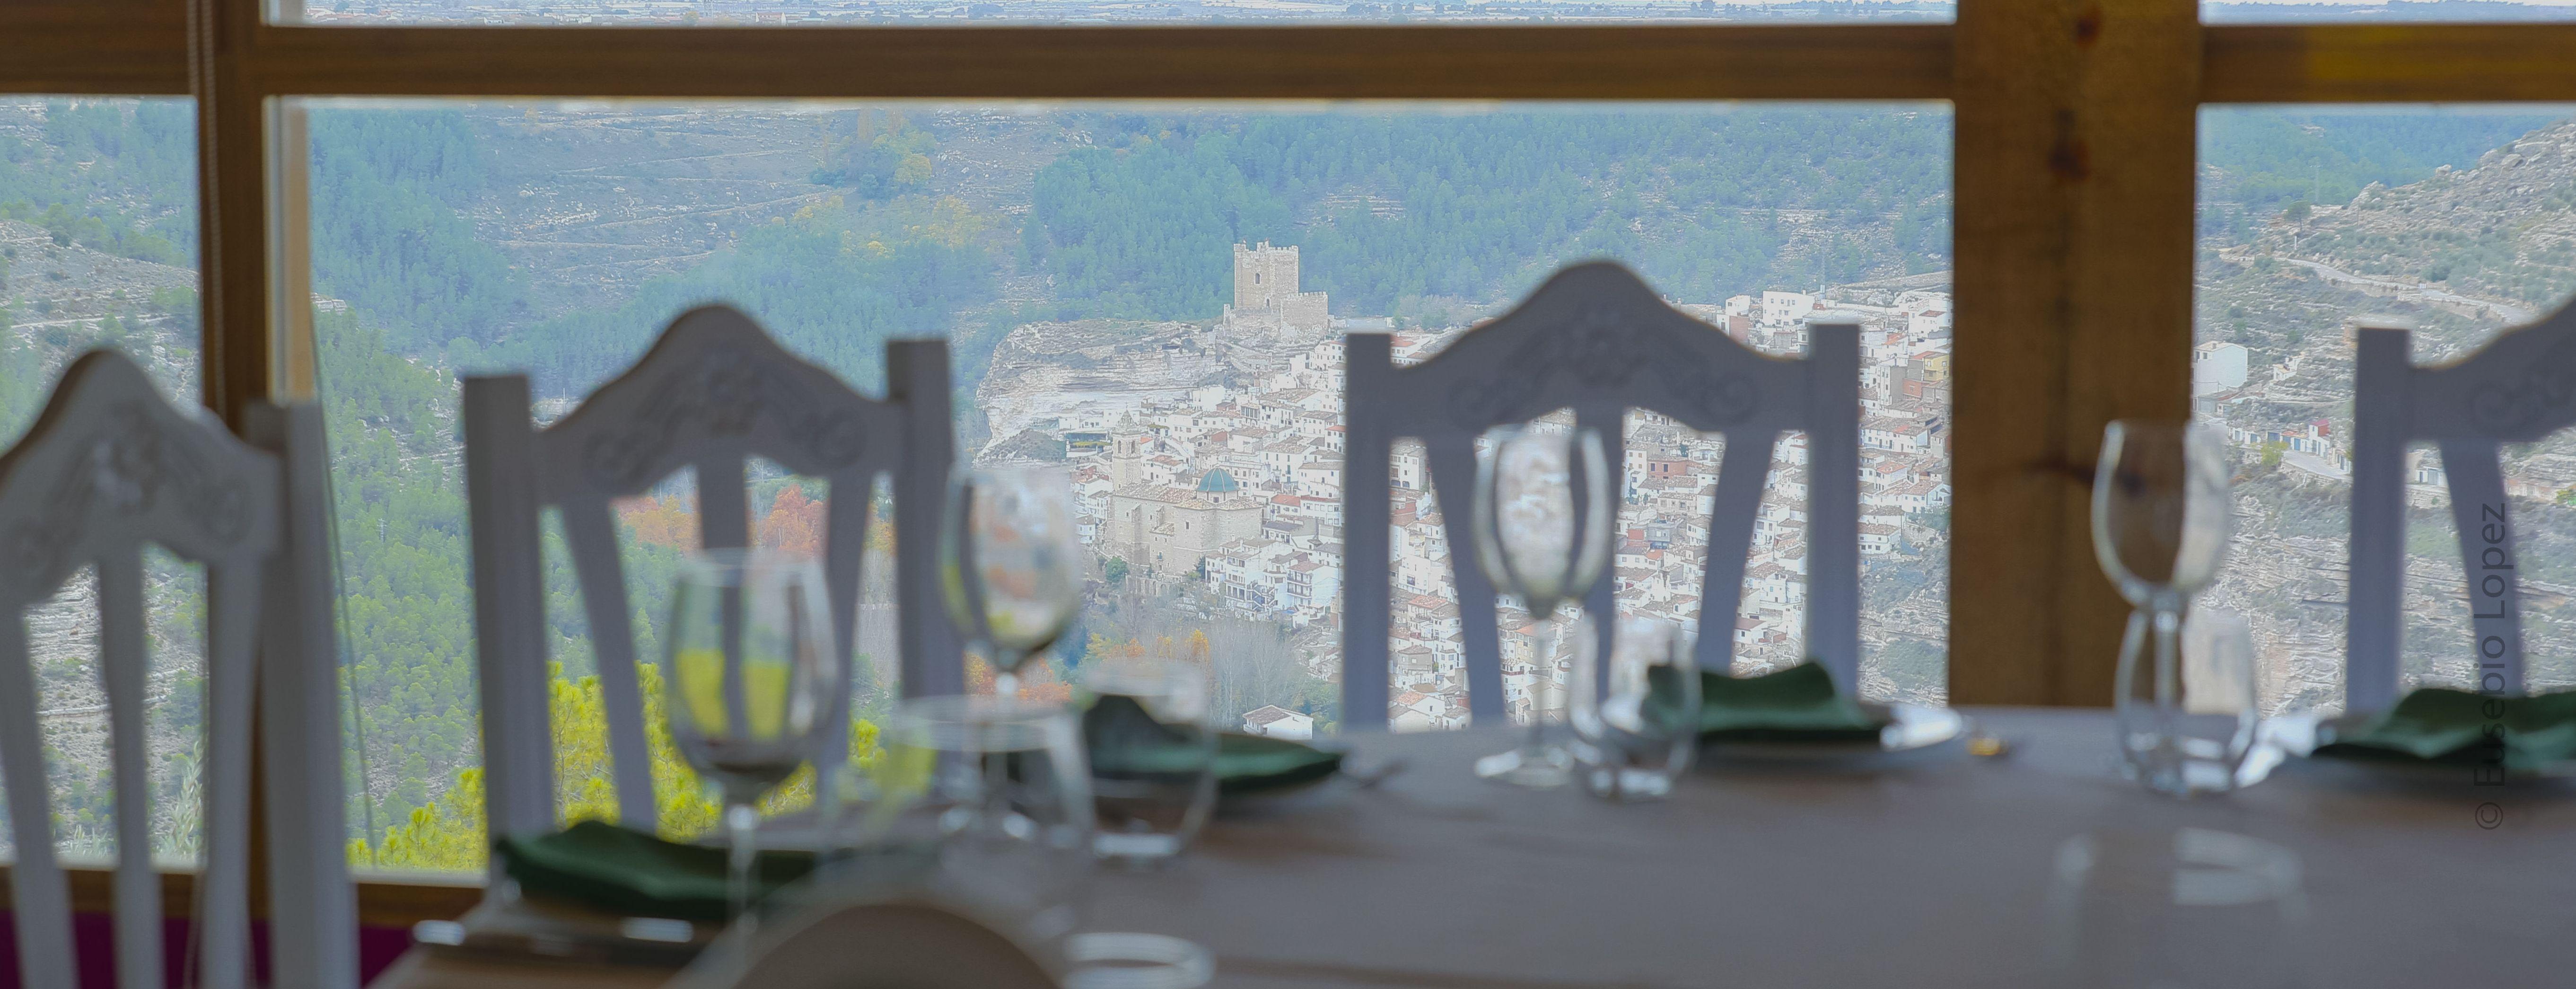 Detalle de las mesas de nuestro restaurante